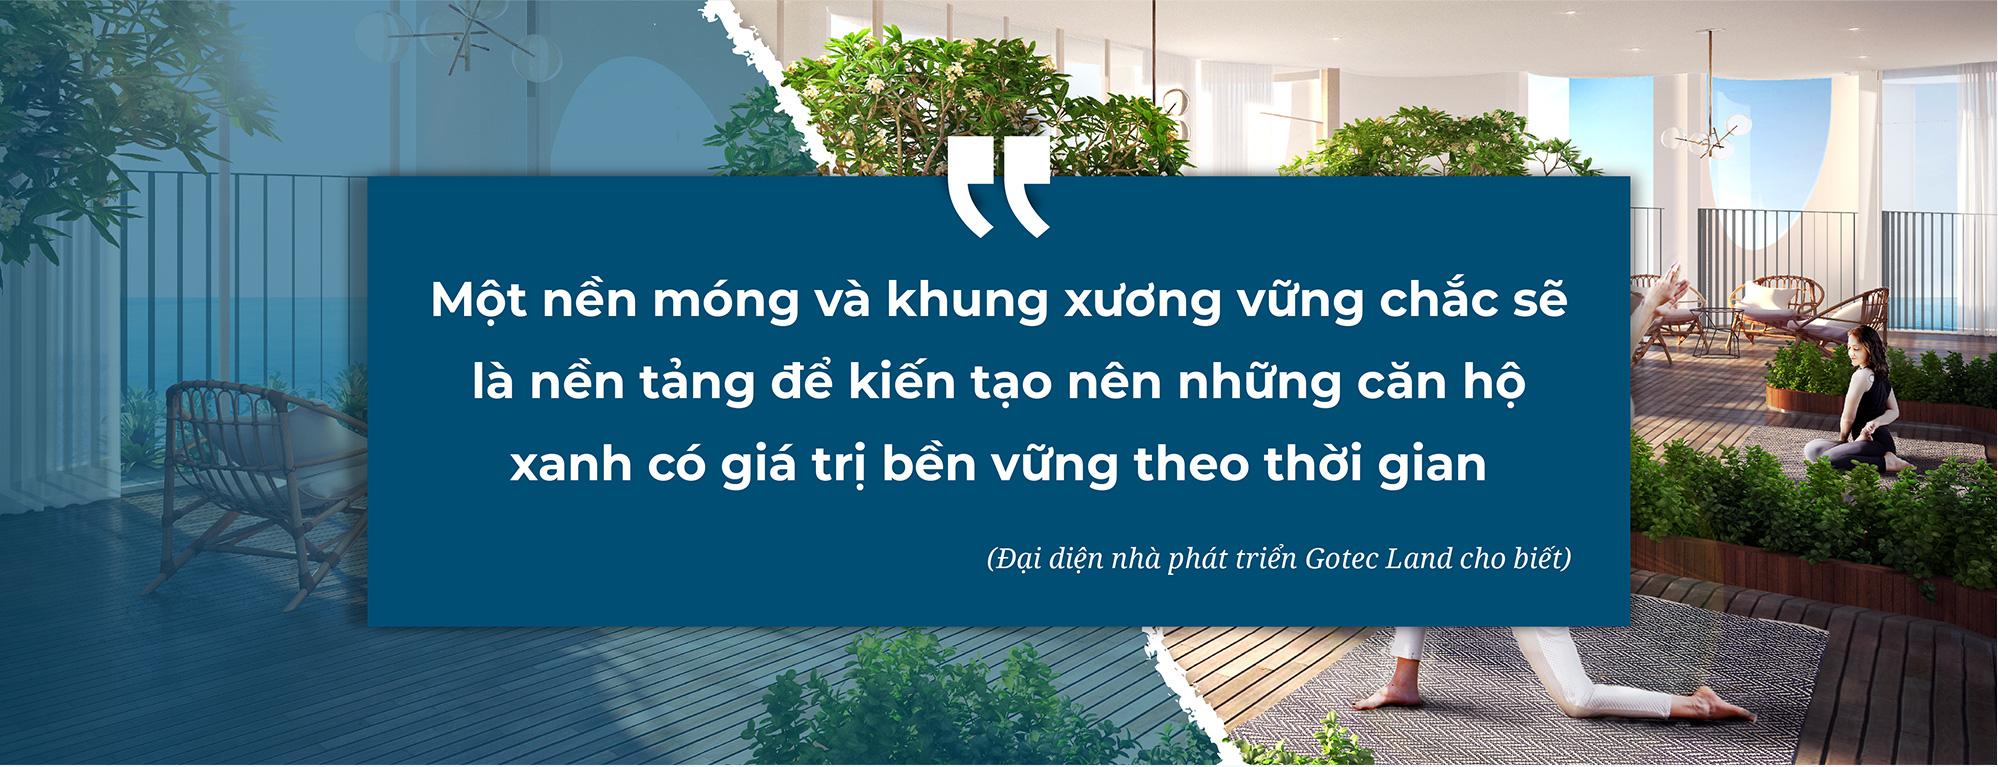 Gotec Land - Đề ra chiến lược nhà phát triển bất động sản mang đến giá trị bền vững - Ảnh 6.